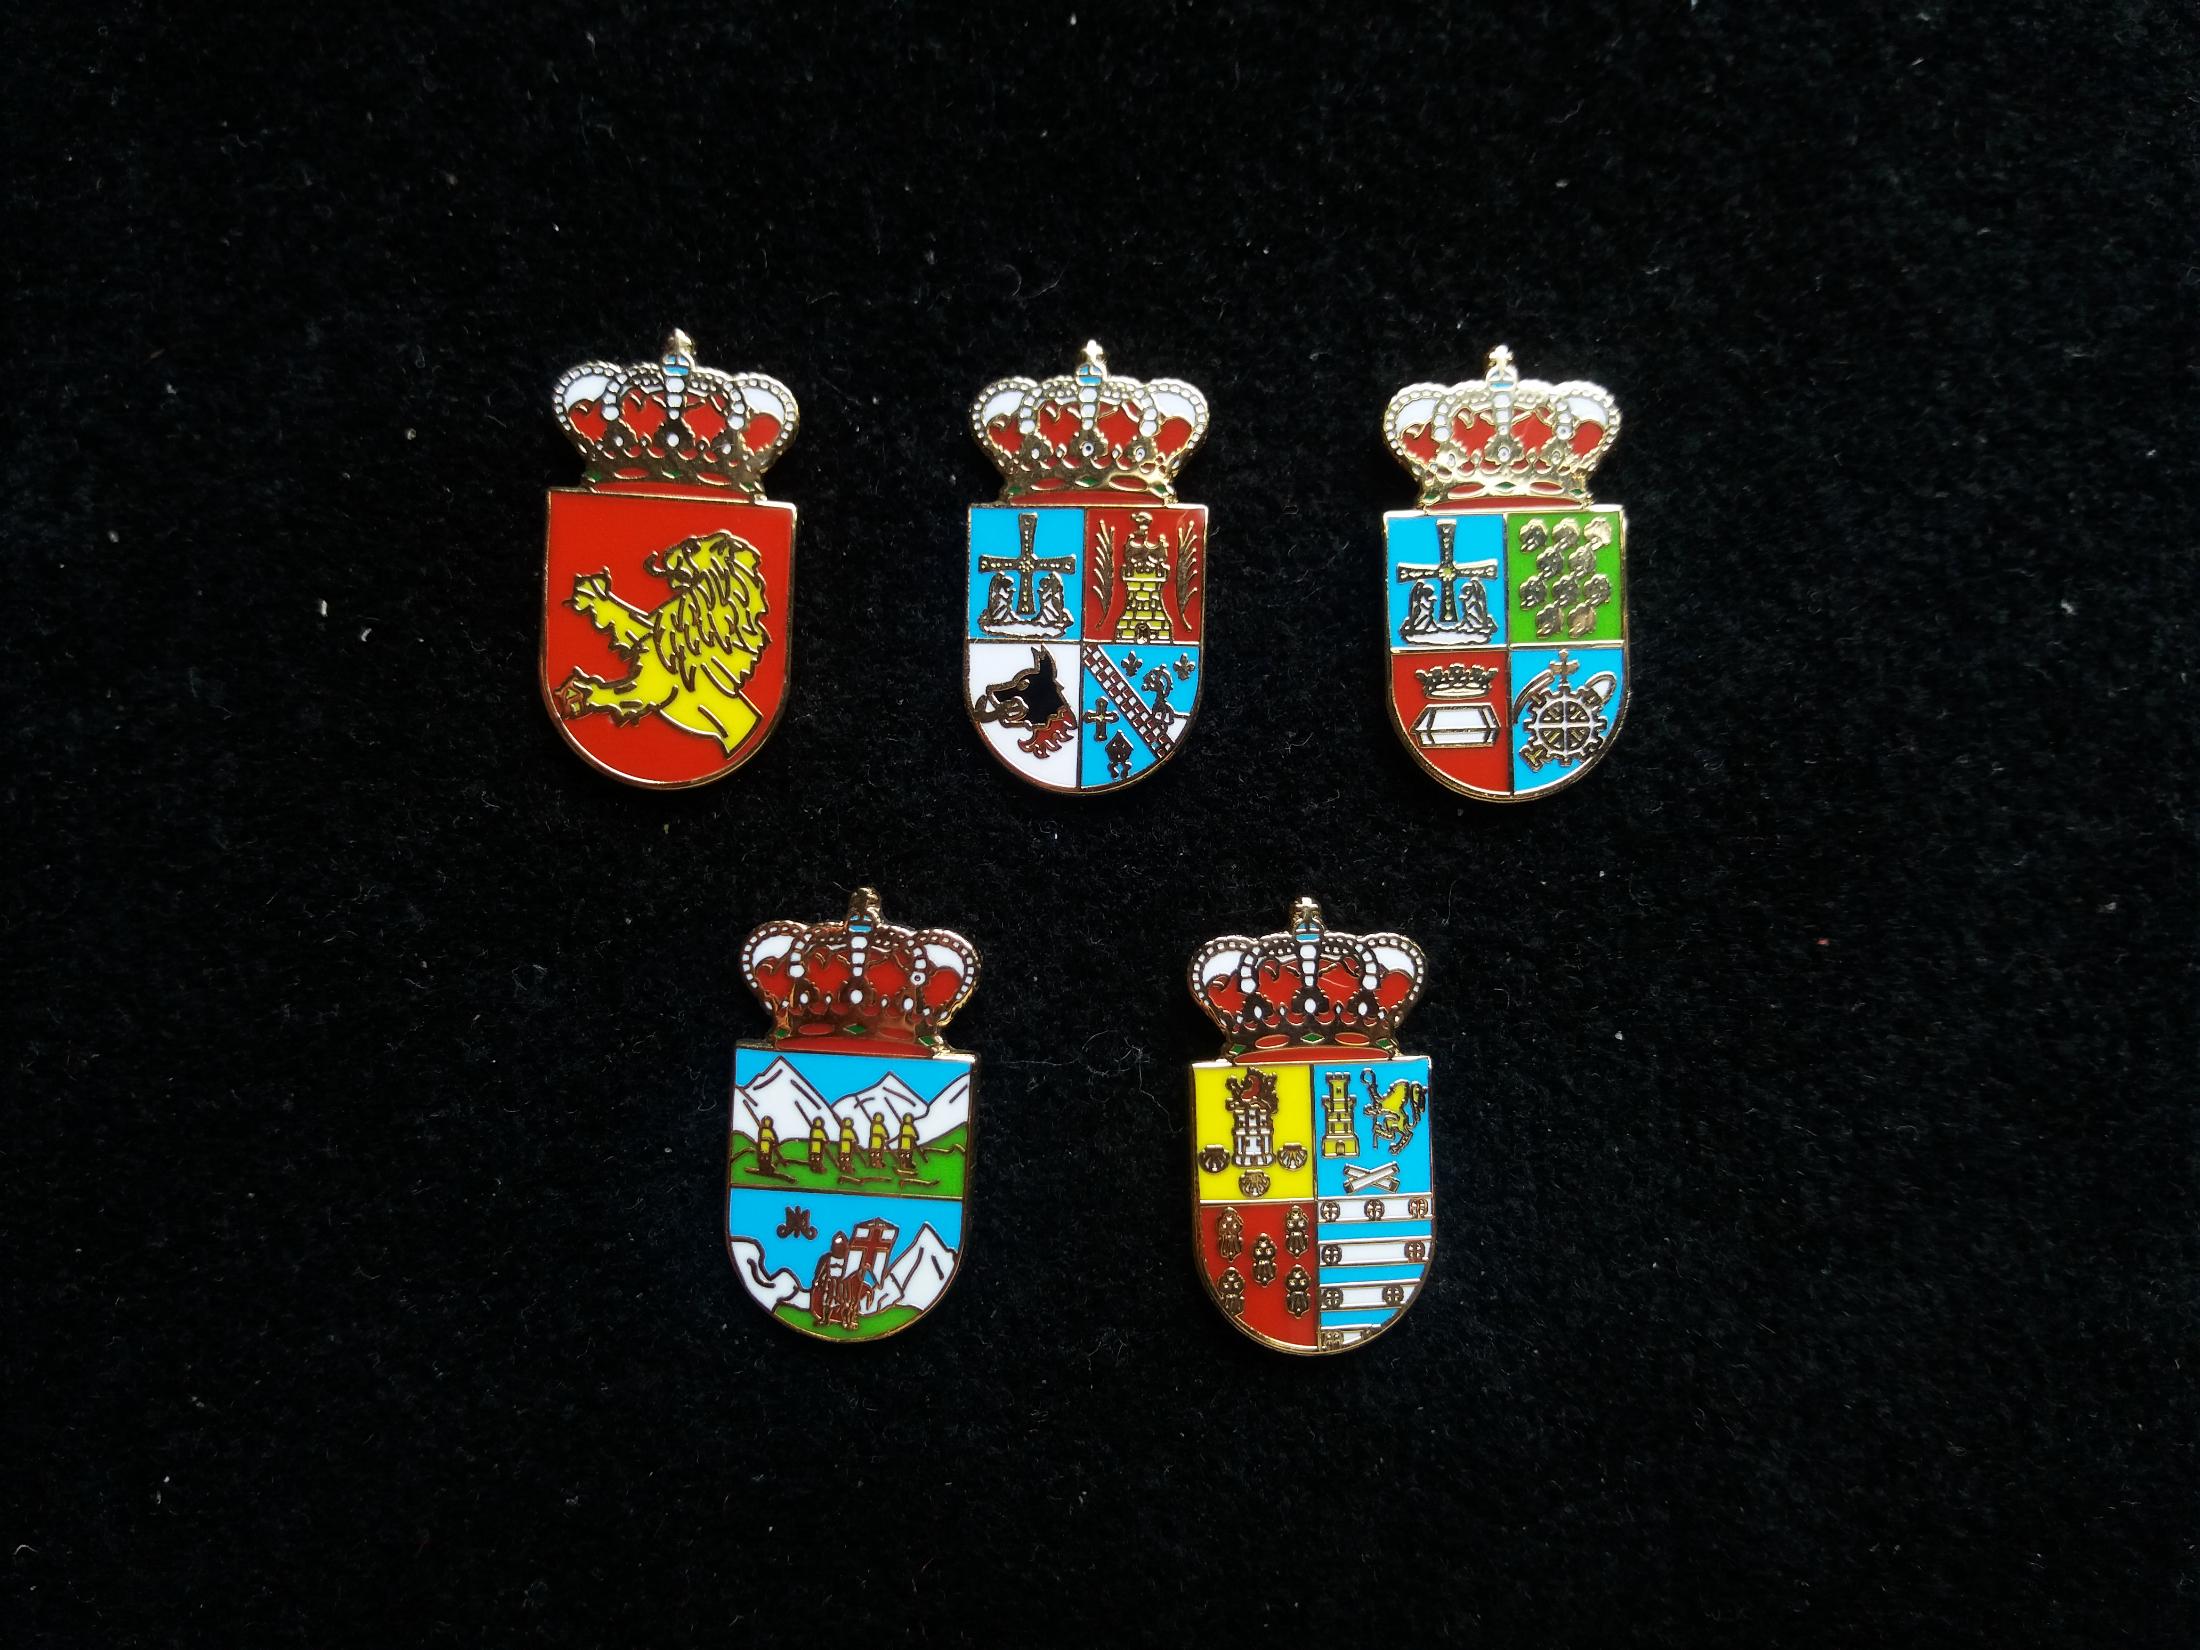 Valdés, San Tirso de Abres, San Martín del Rey Aurelio, Onís and Salas heraldic pins